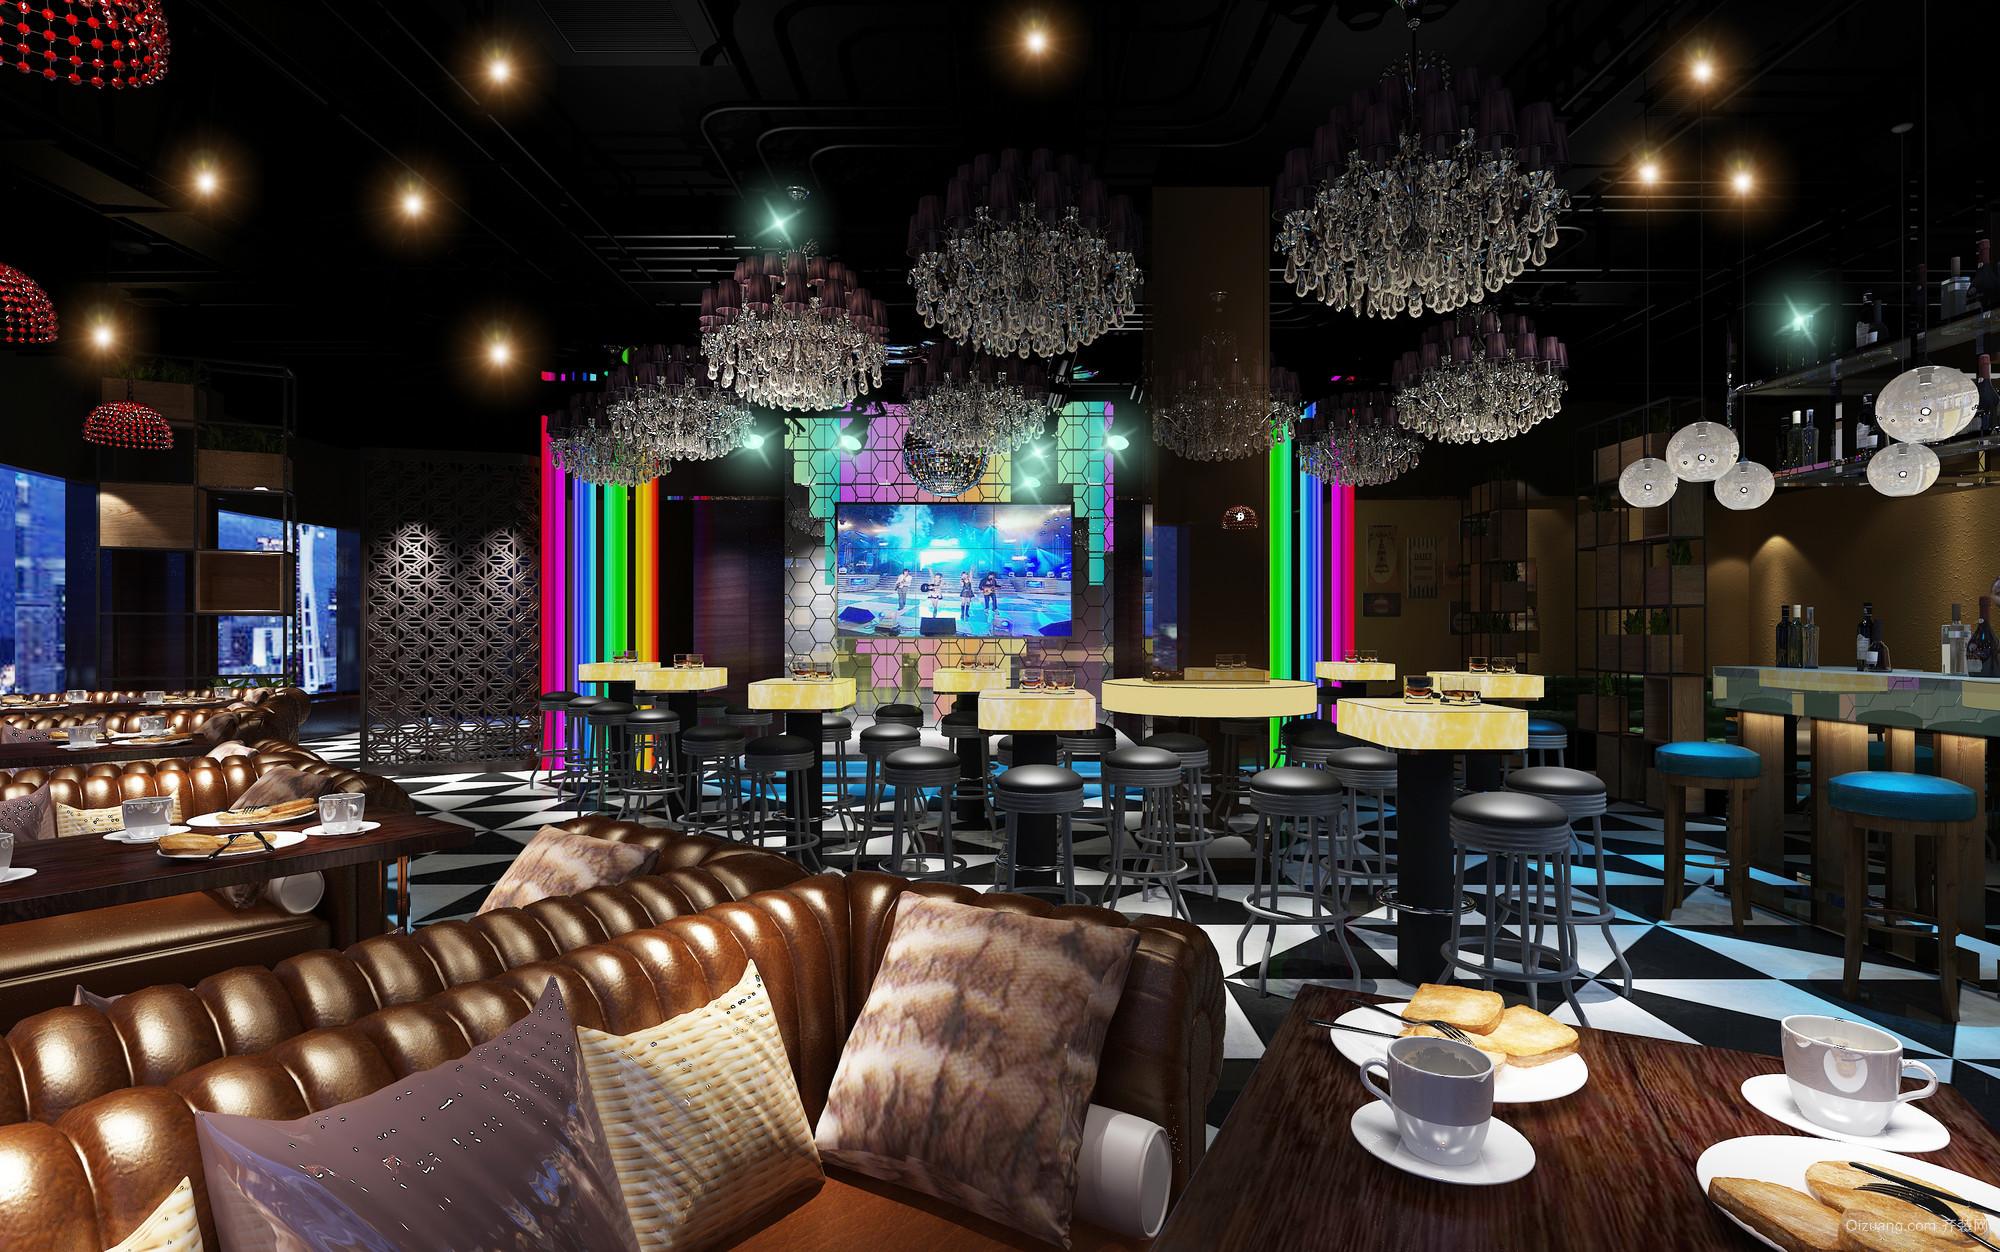 伦教维多利亚酒吧混搭风格装修效果图实景图